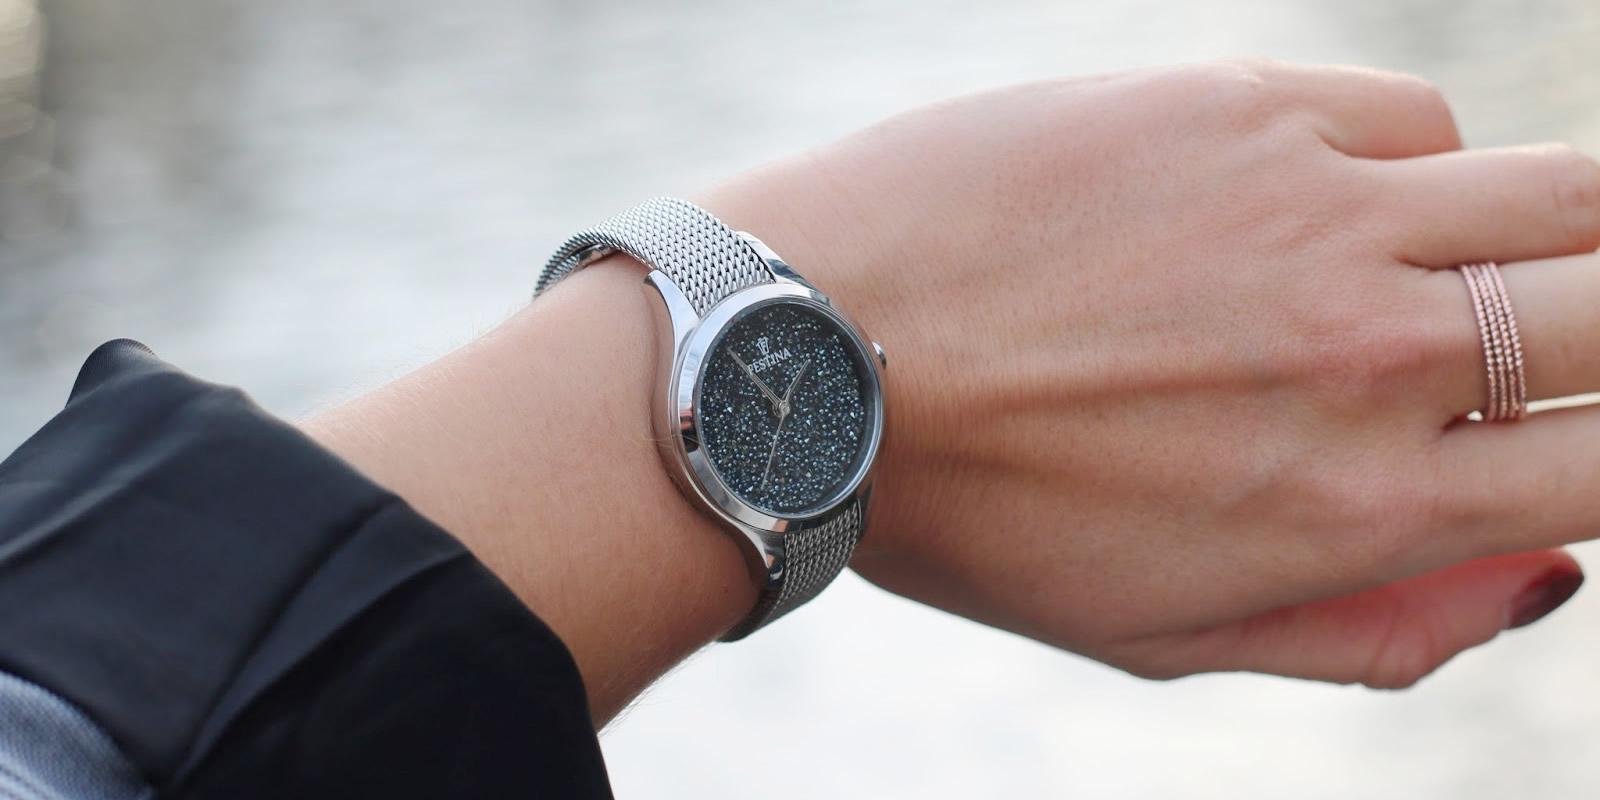 mister-watch-orologeria-gioielleria-biella-borgomanero-festina-mademoiselle-cristalli-swarovsky